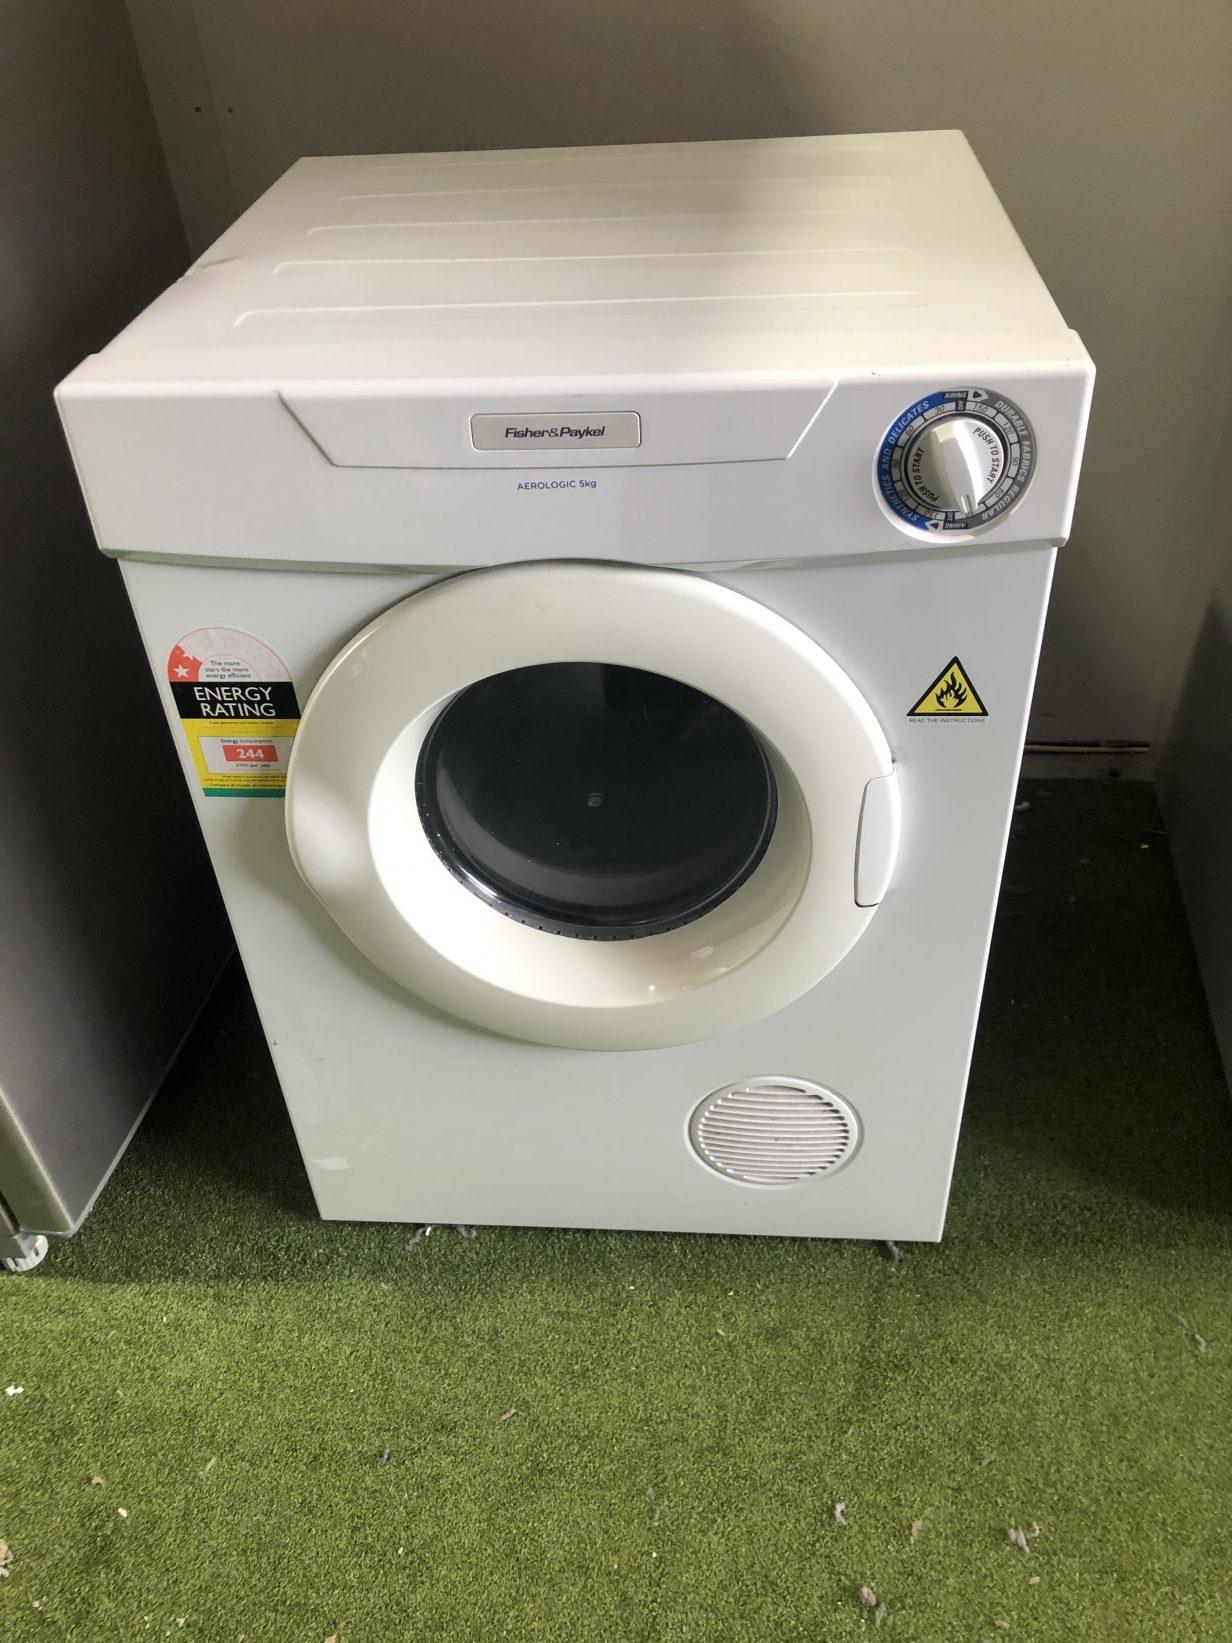 Fisher & Paykel Aerologic Dryer 5kg